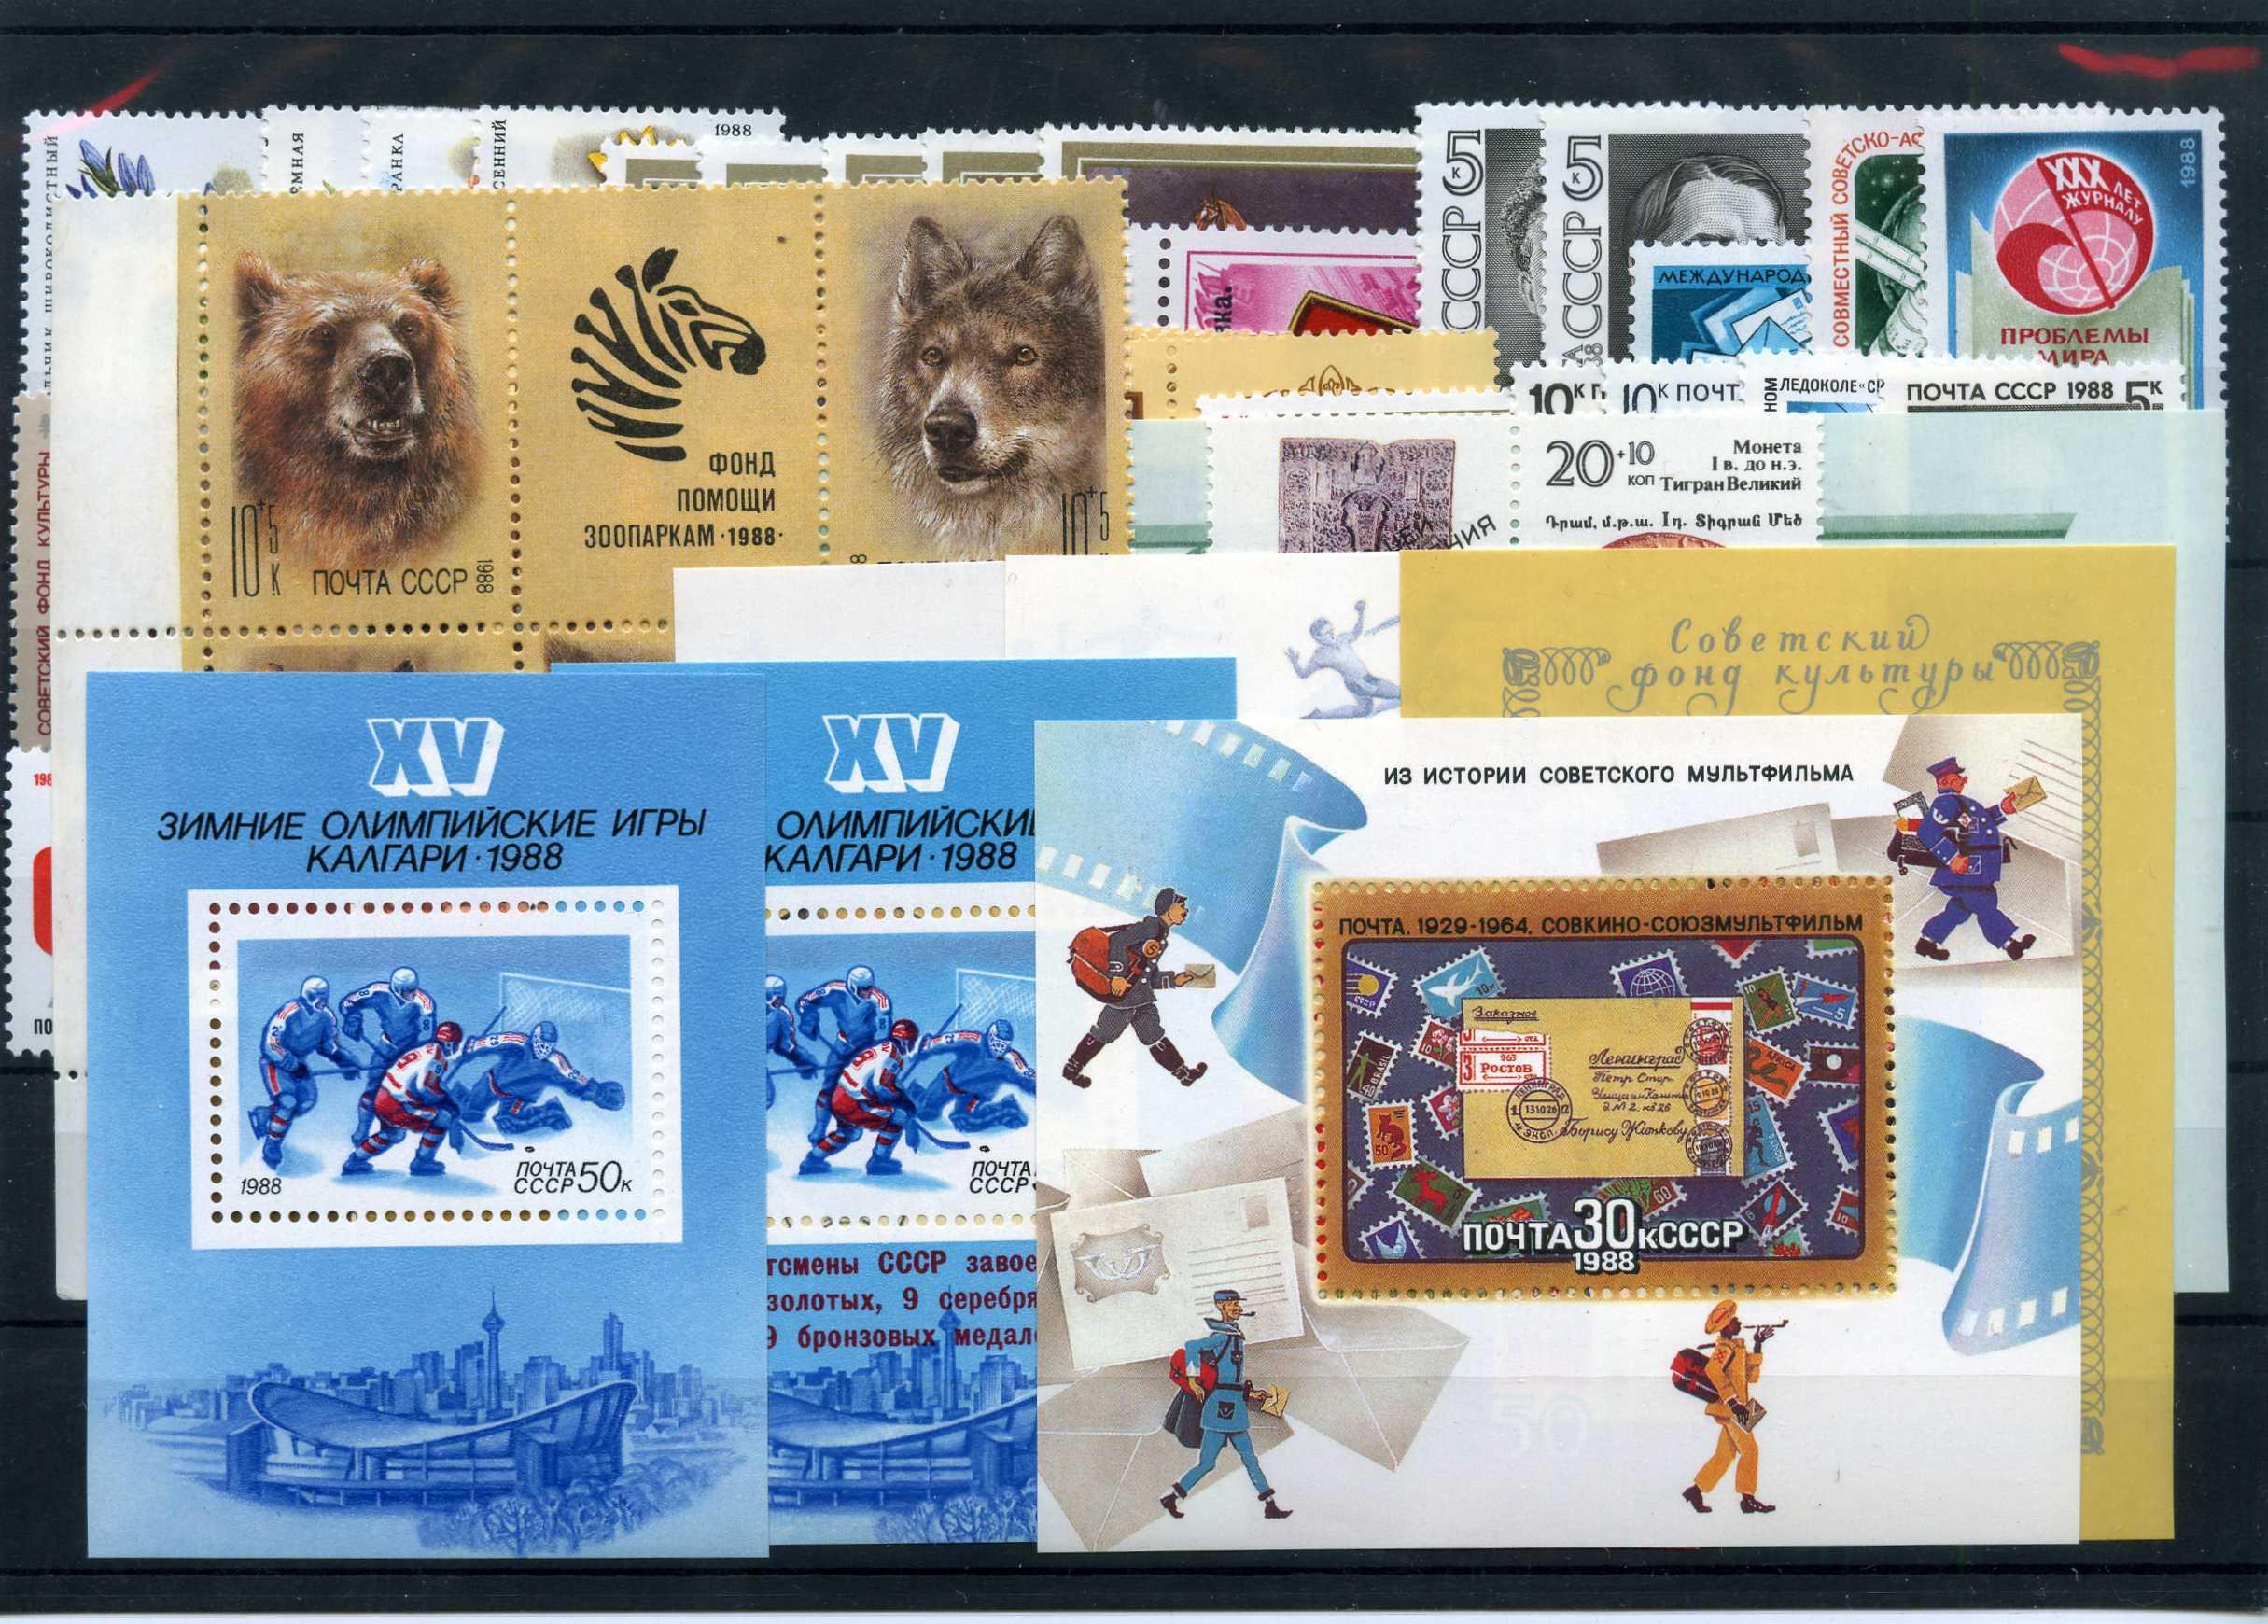 Годовой набор почтовых марок СССР 1988 год, 121 почтовая марка, 8 почтовых блоков